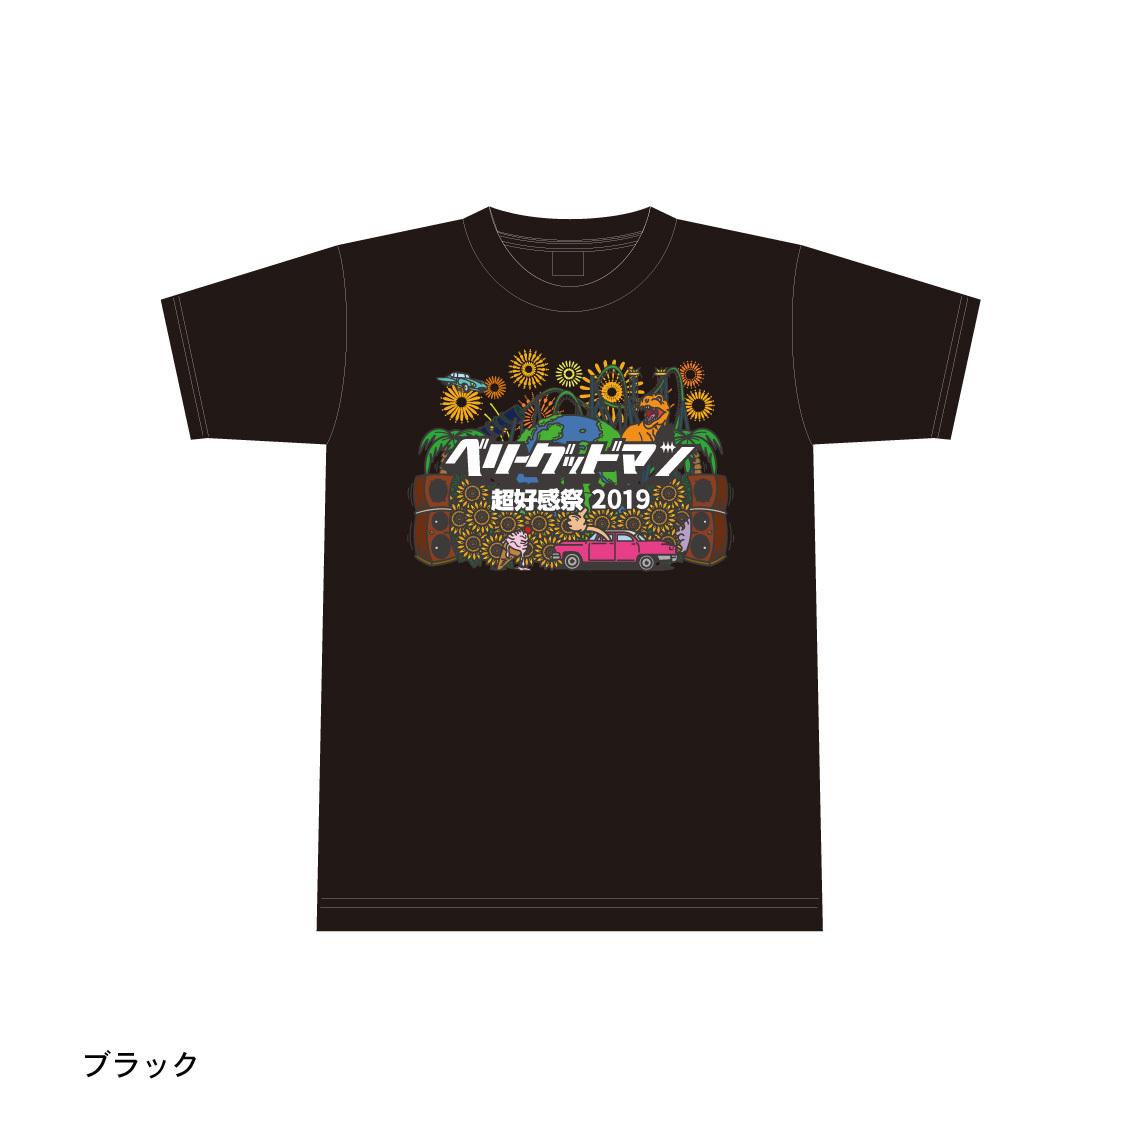 超好感祭TシャツA [ メインロゴ ]